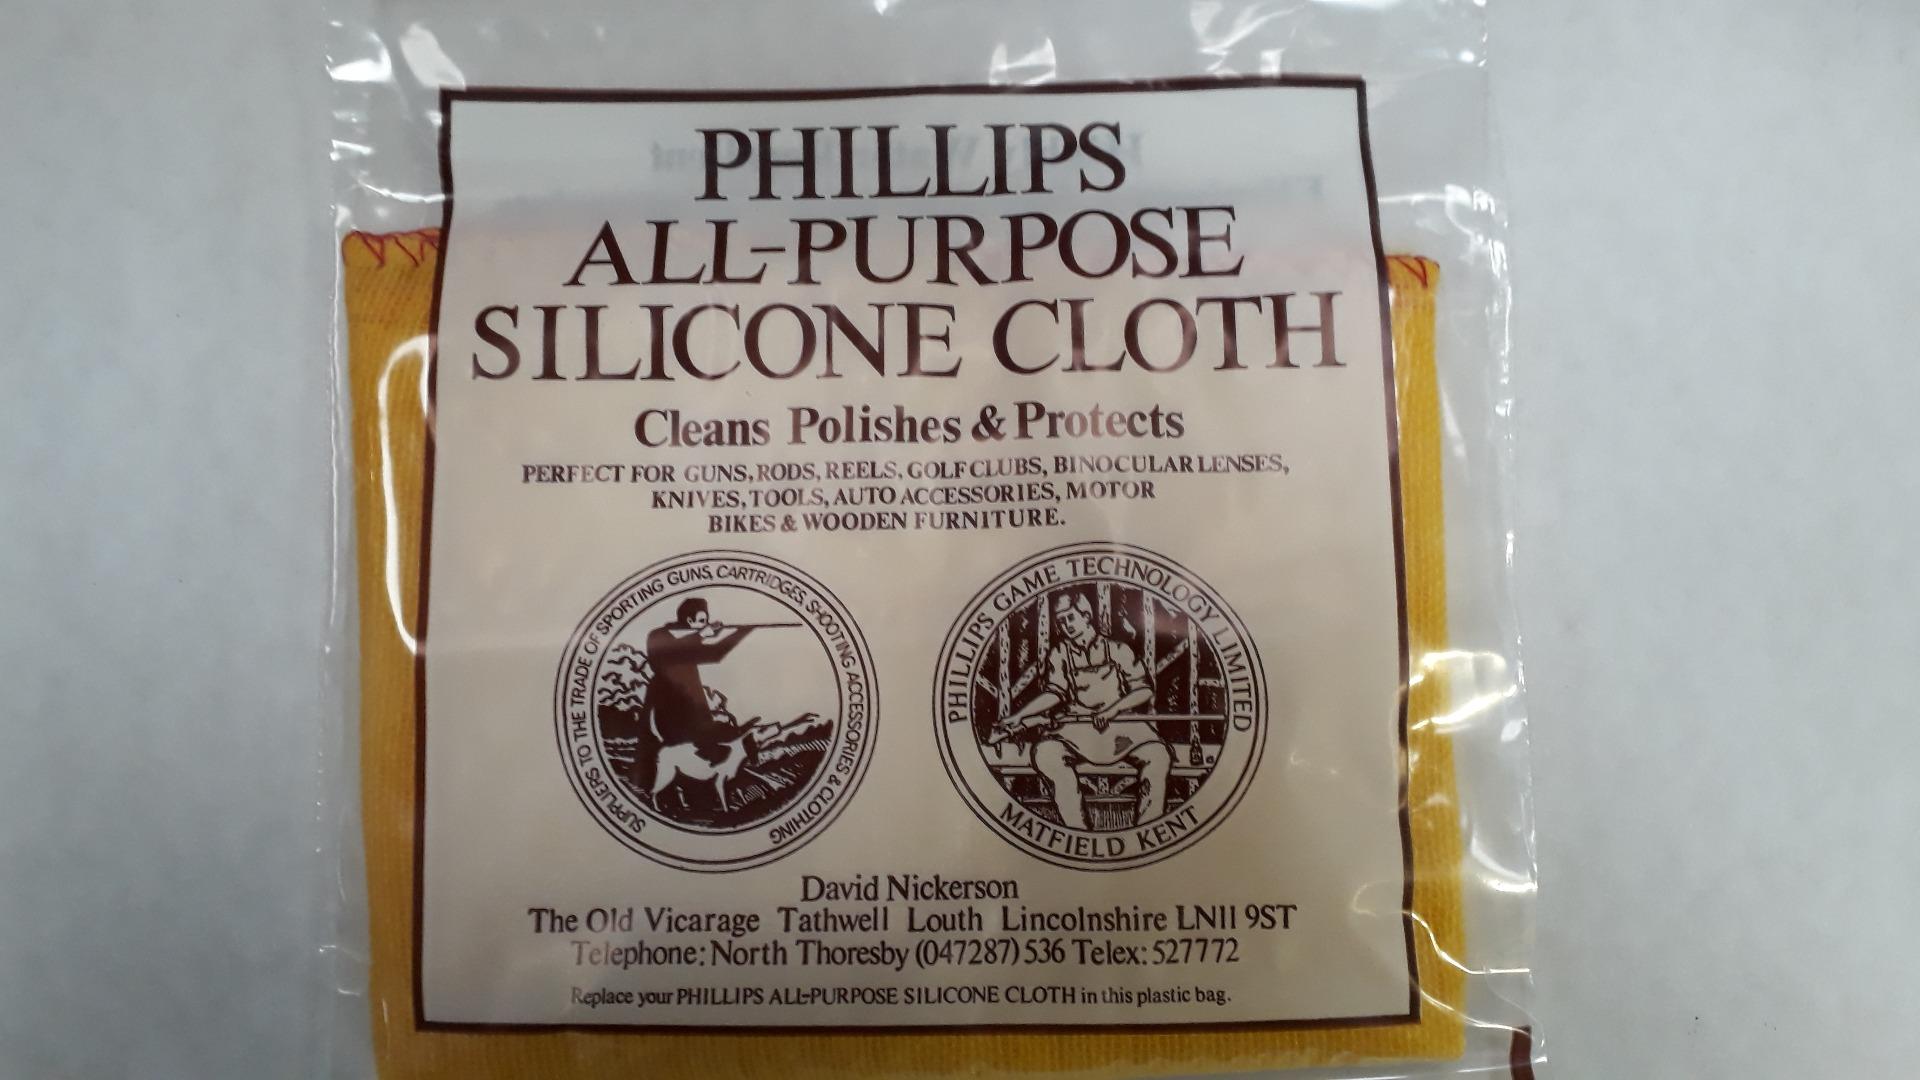 Πανάκια Καθαρισμού Phillips All Purpose Silicone Cloth